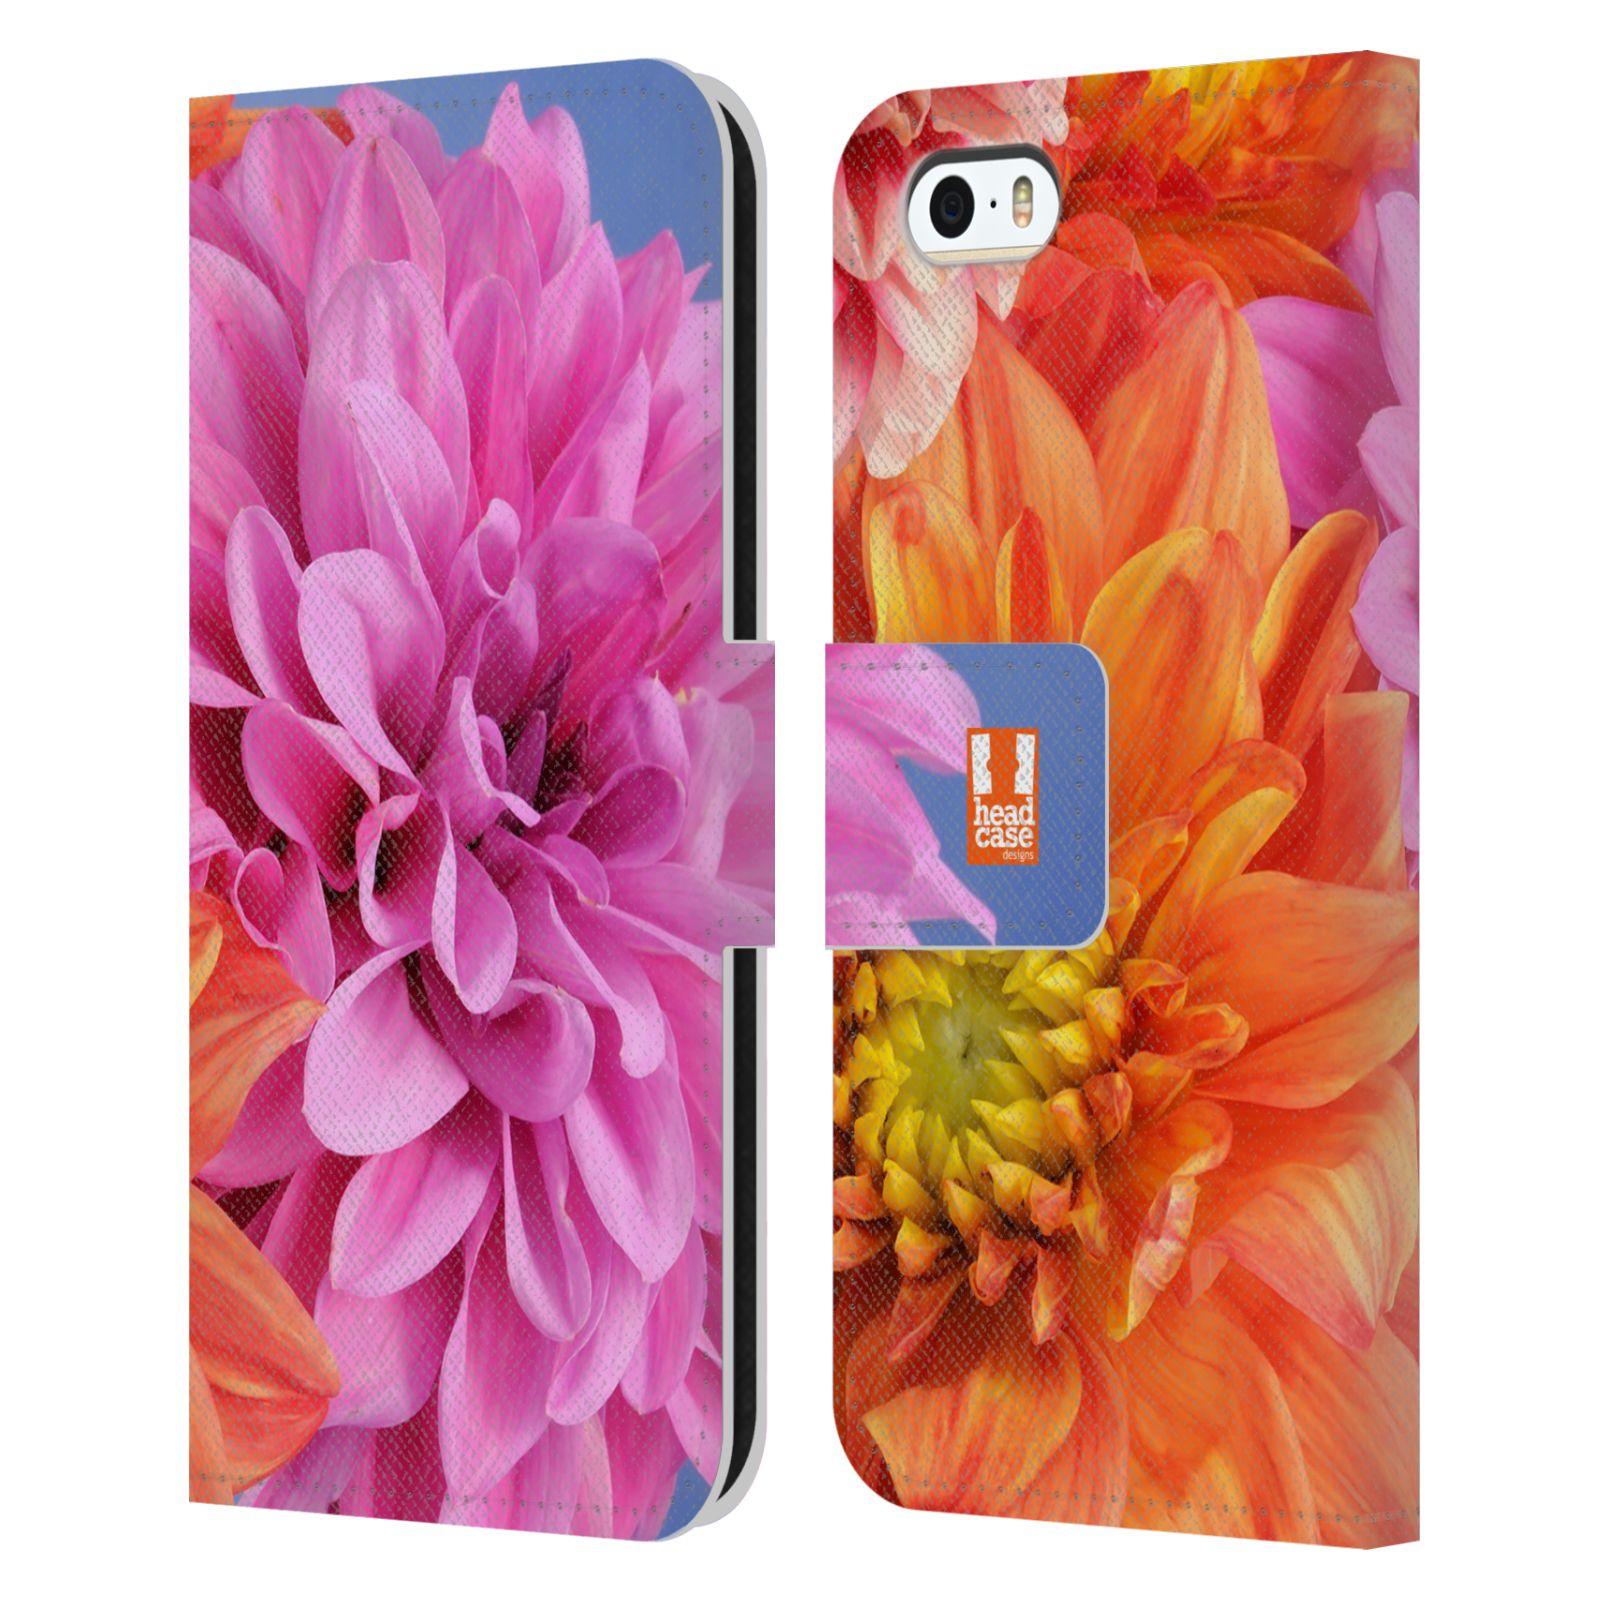 HEAD CASE Flipové pouzdro pro mobil Apple Iphone 5/5s květy foto Jiřinka růžová a oranžová